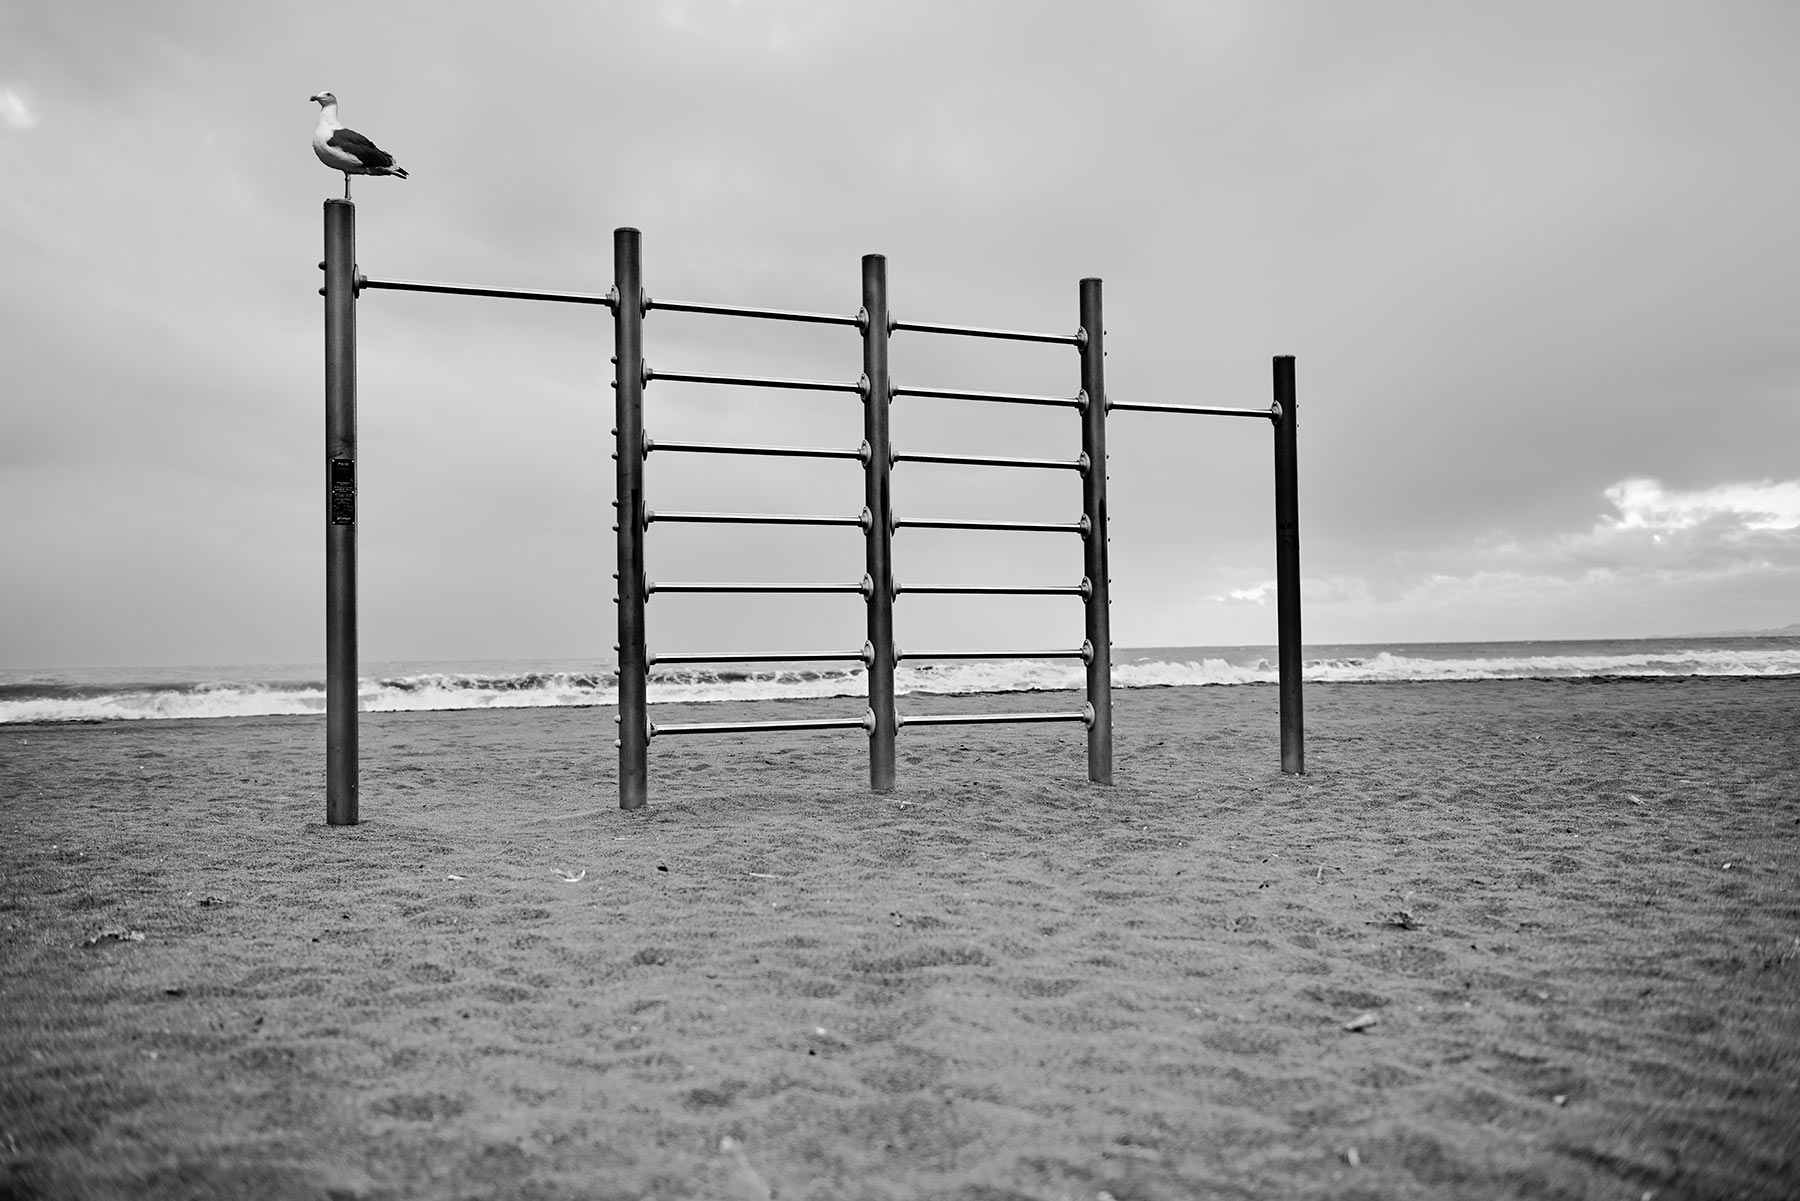 B&N- 8: The seagull